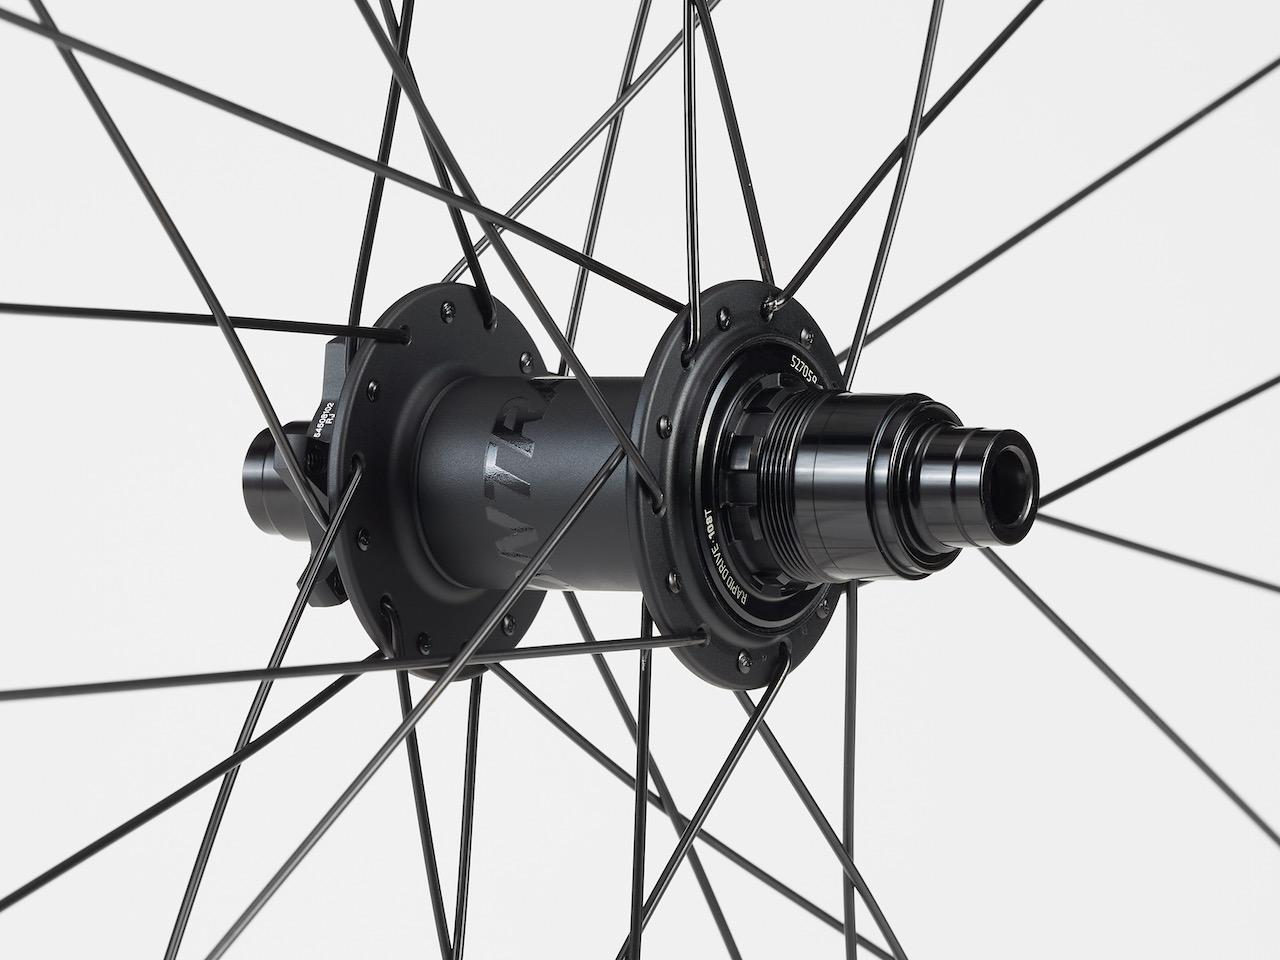 Bontrager Line Comp 30 wheels hub